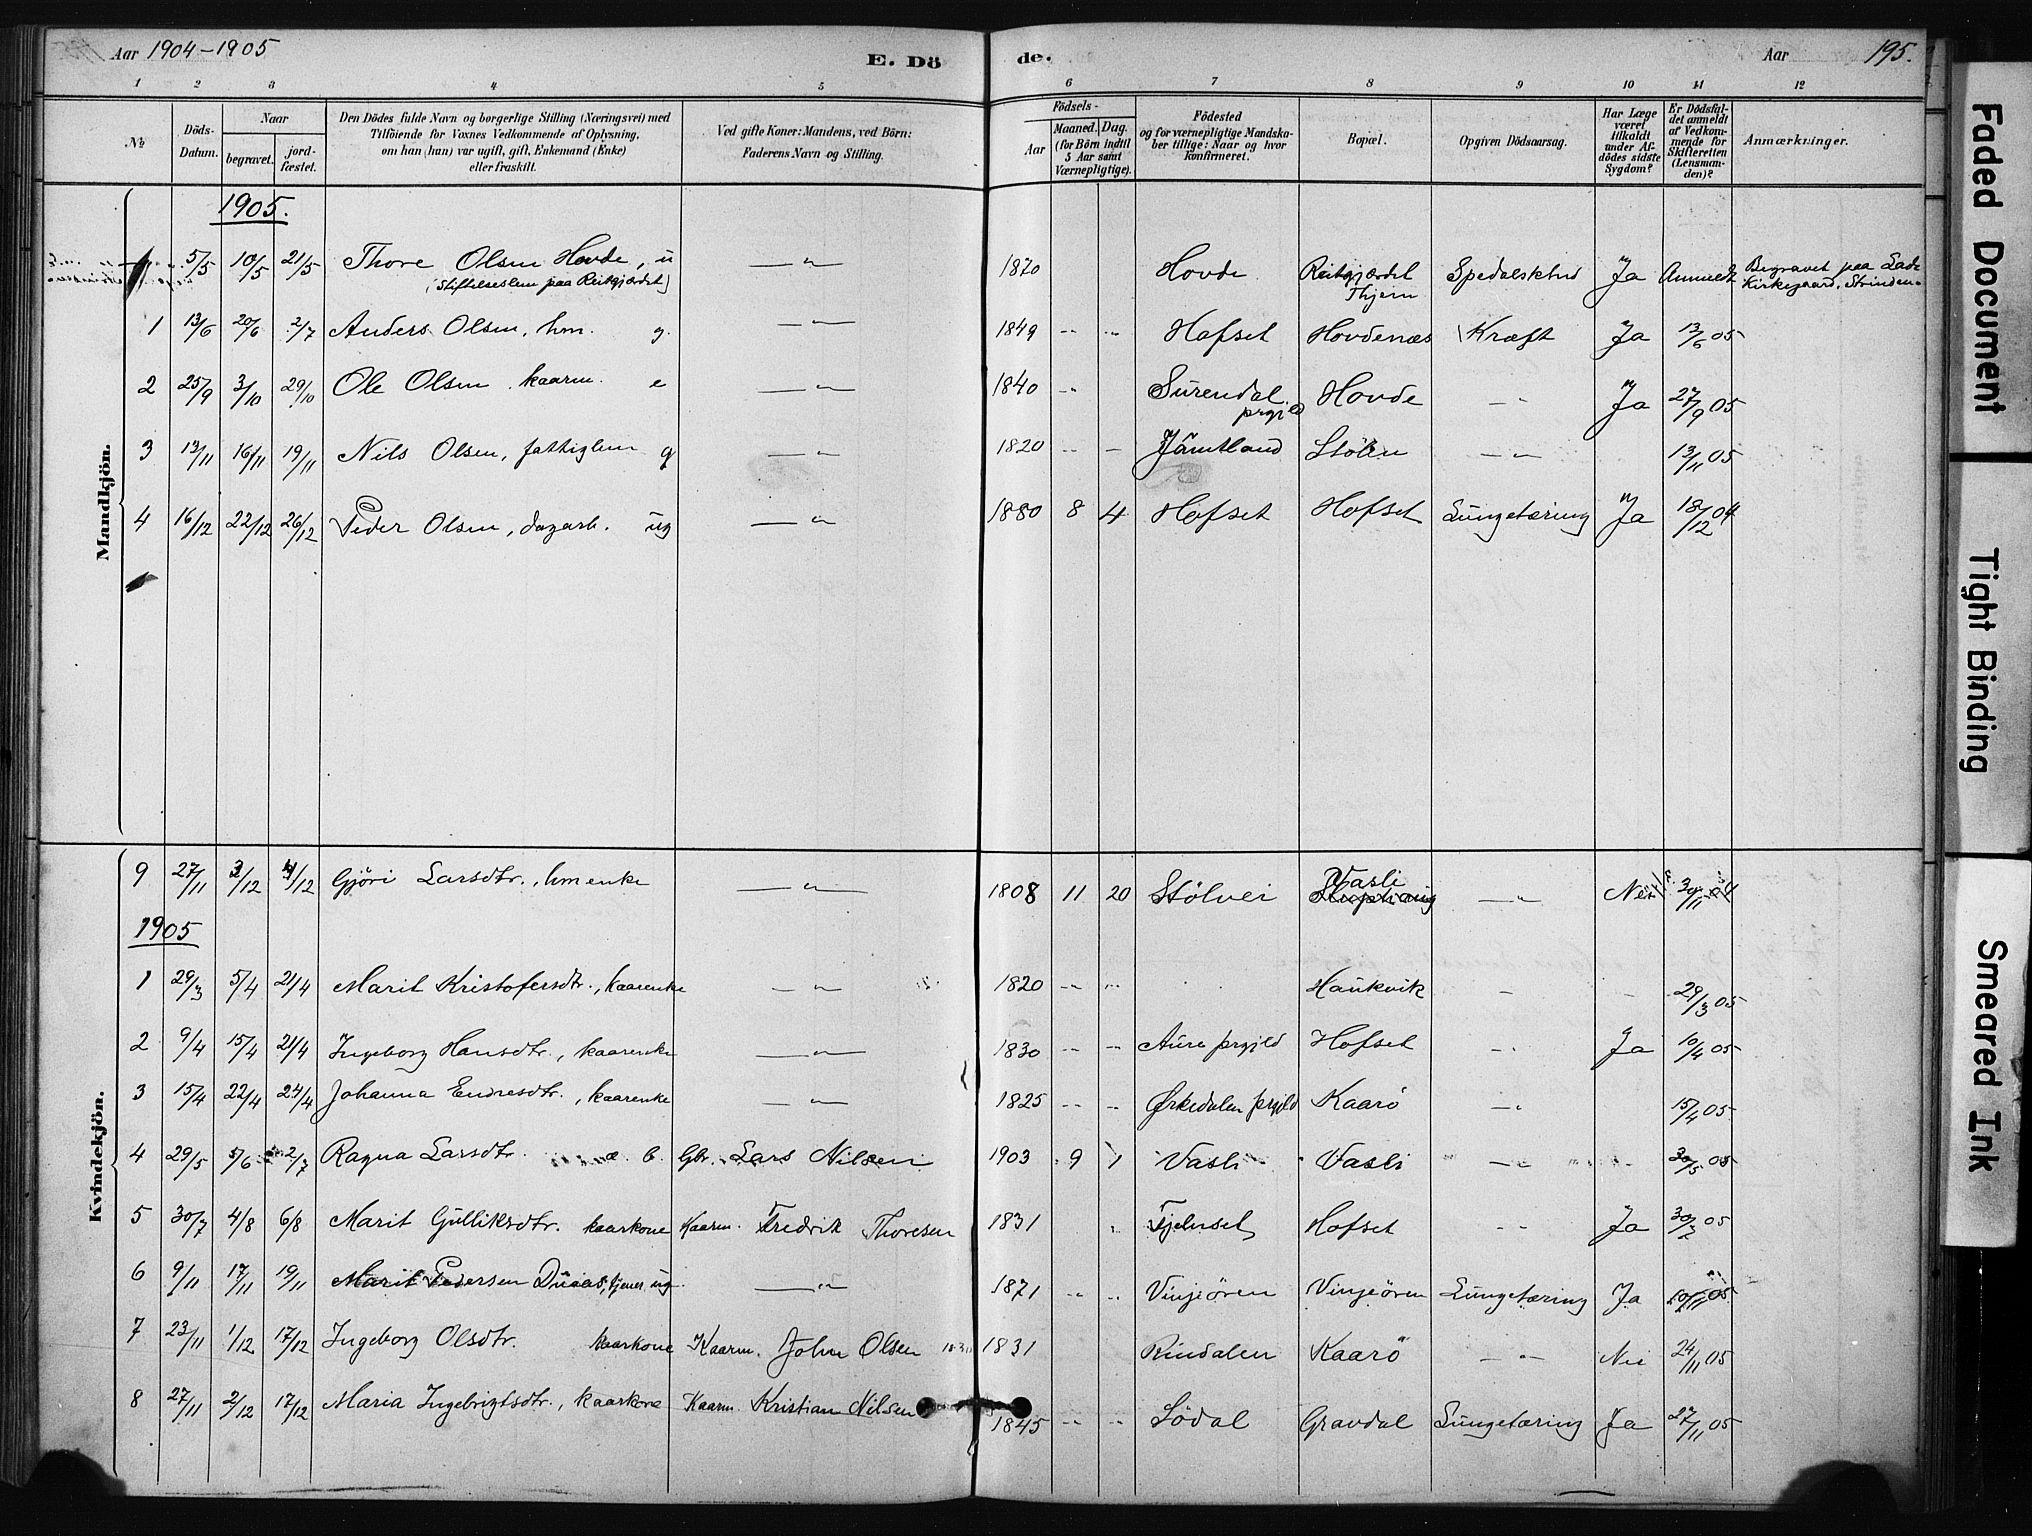 SAT, Ministerialprotokoller, klokkerbøker og fødselsregistre - Sør-Trøndelag, 631/L0512: Ministerialbok nr. 631A01, 1879-1912, s. 195